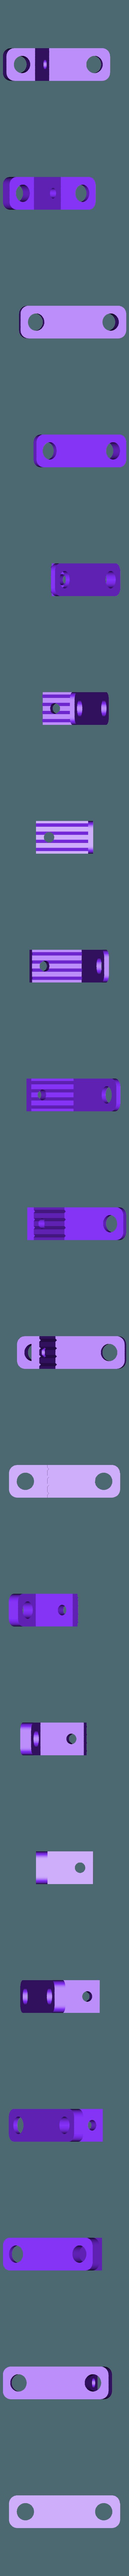 GT2-belt-tight-1.stl Télécharger fichier STL gratuit Pièces 3D pour l'imprimante Ceramic DIY • Objet à imprimer en 3D, fgeer